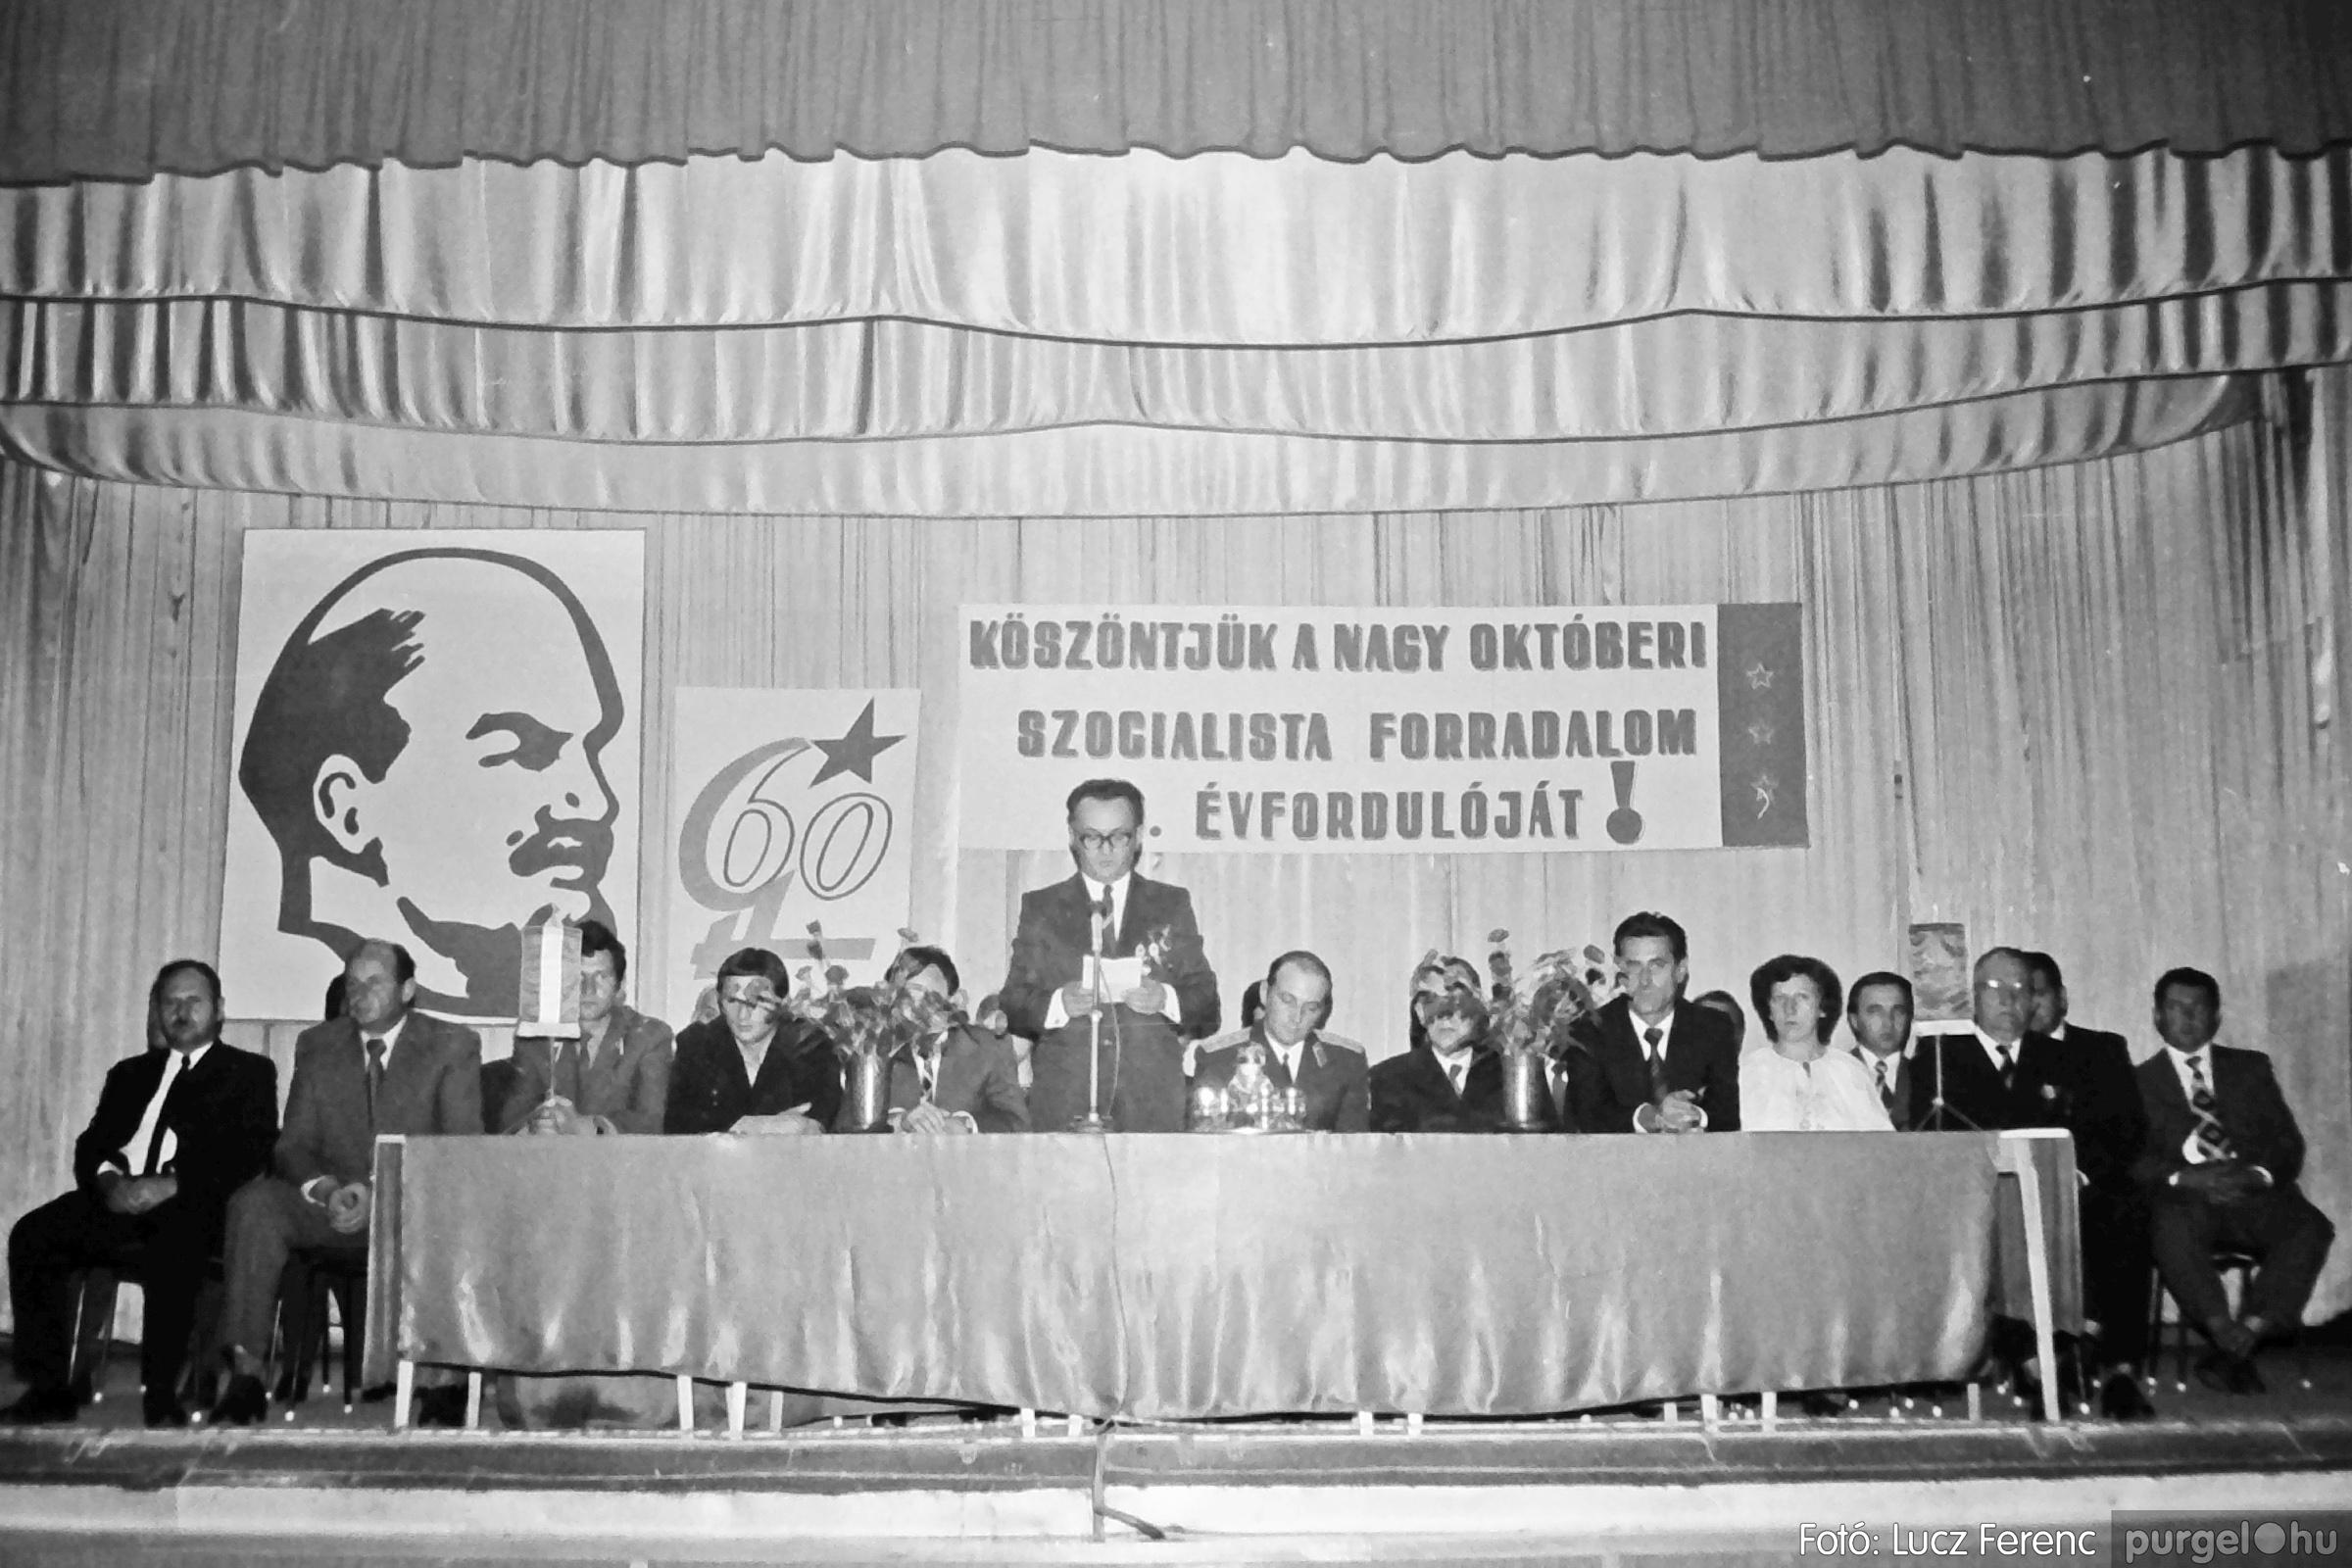 094. 1977.11.07. November 7-i ünnepség 015. - Fotó: Lucz Ferenc.jpg